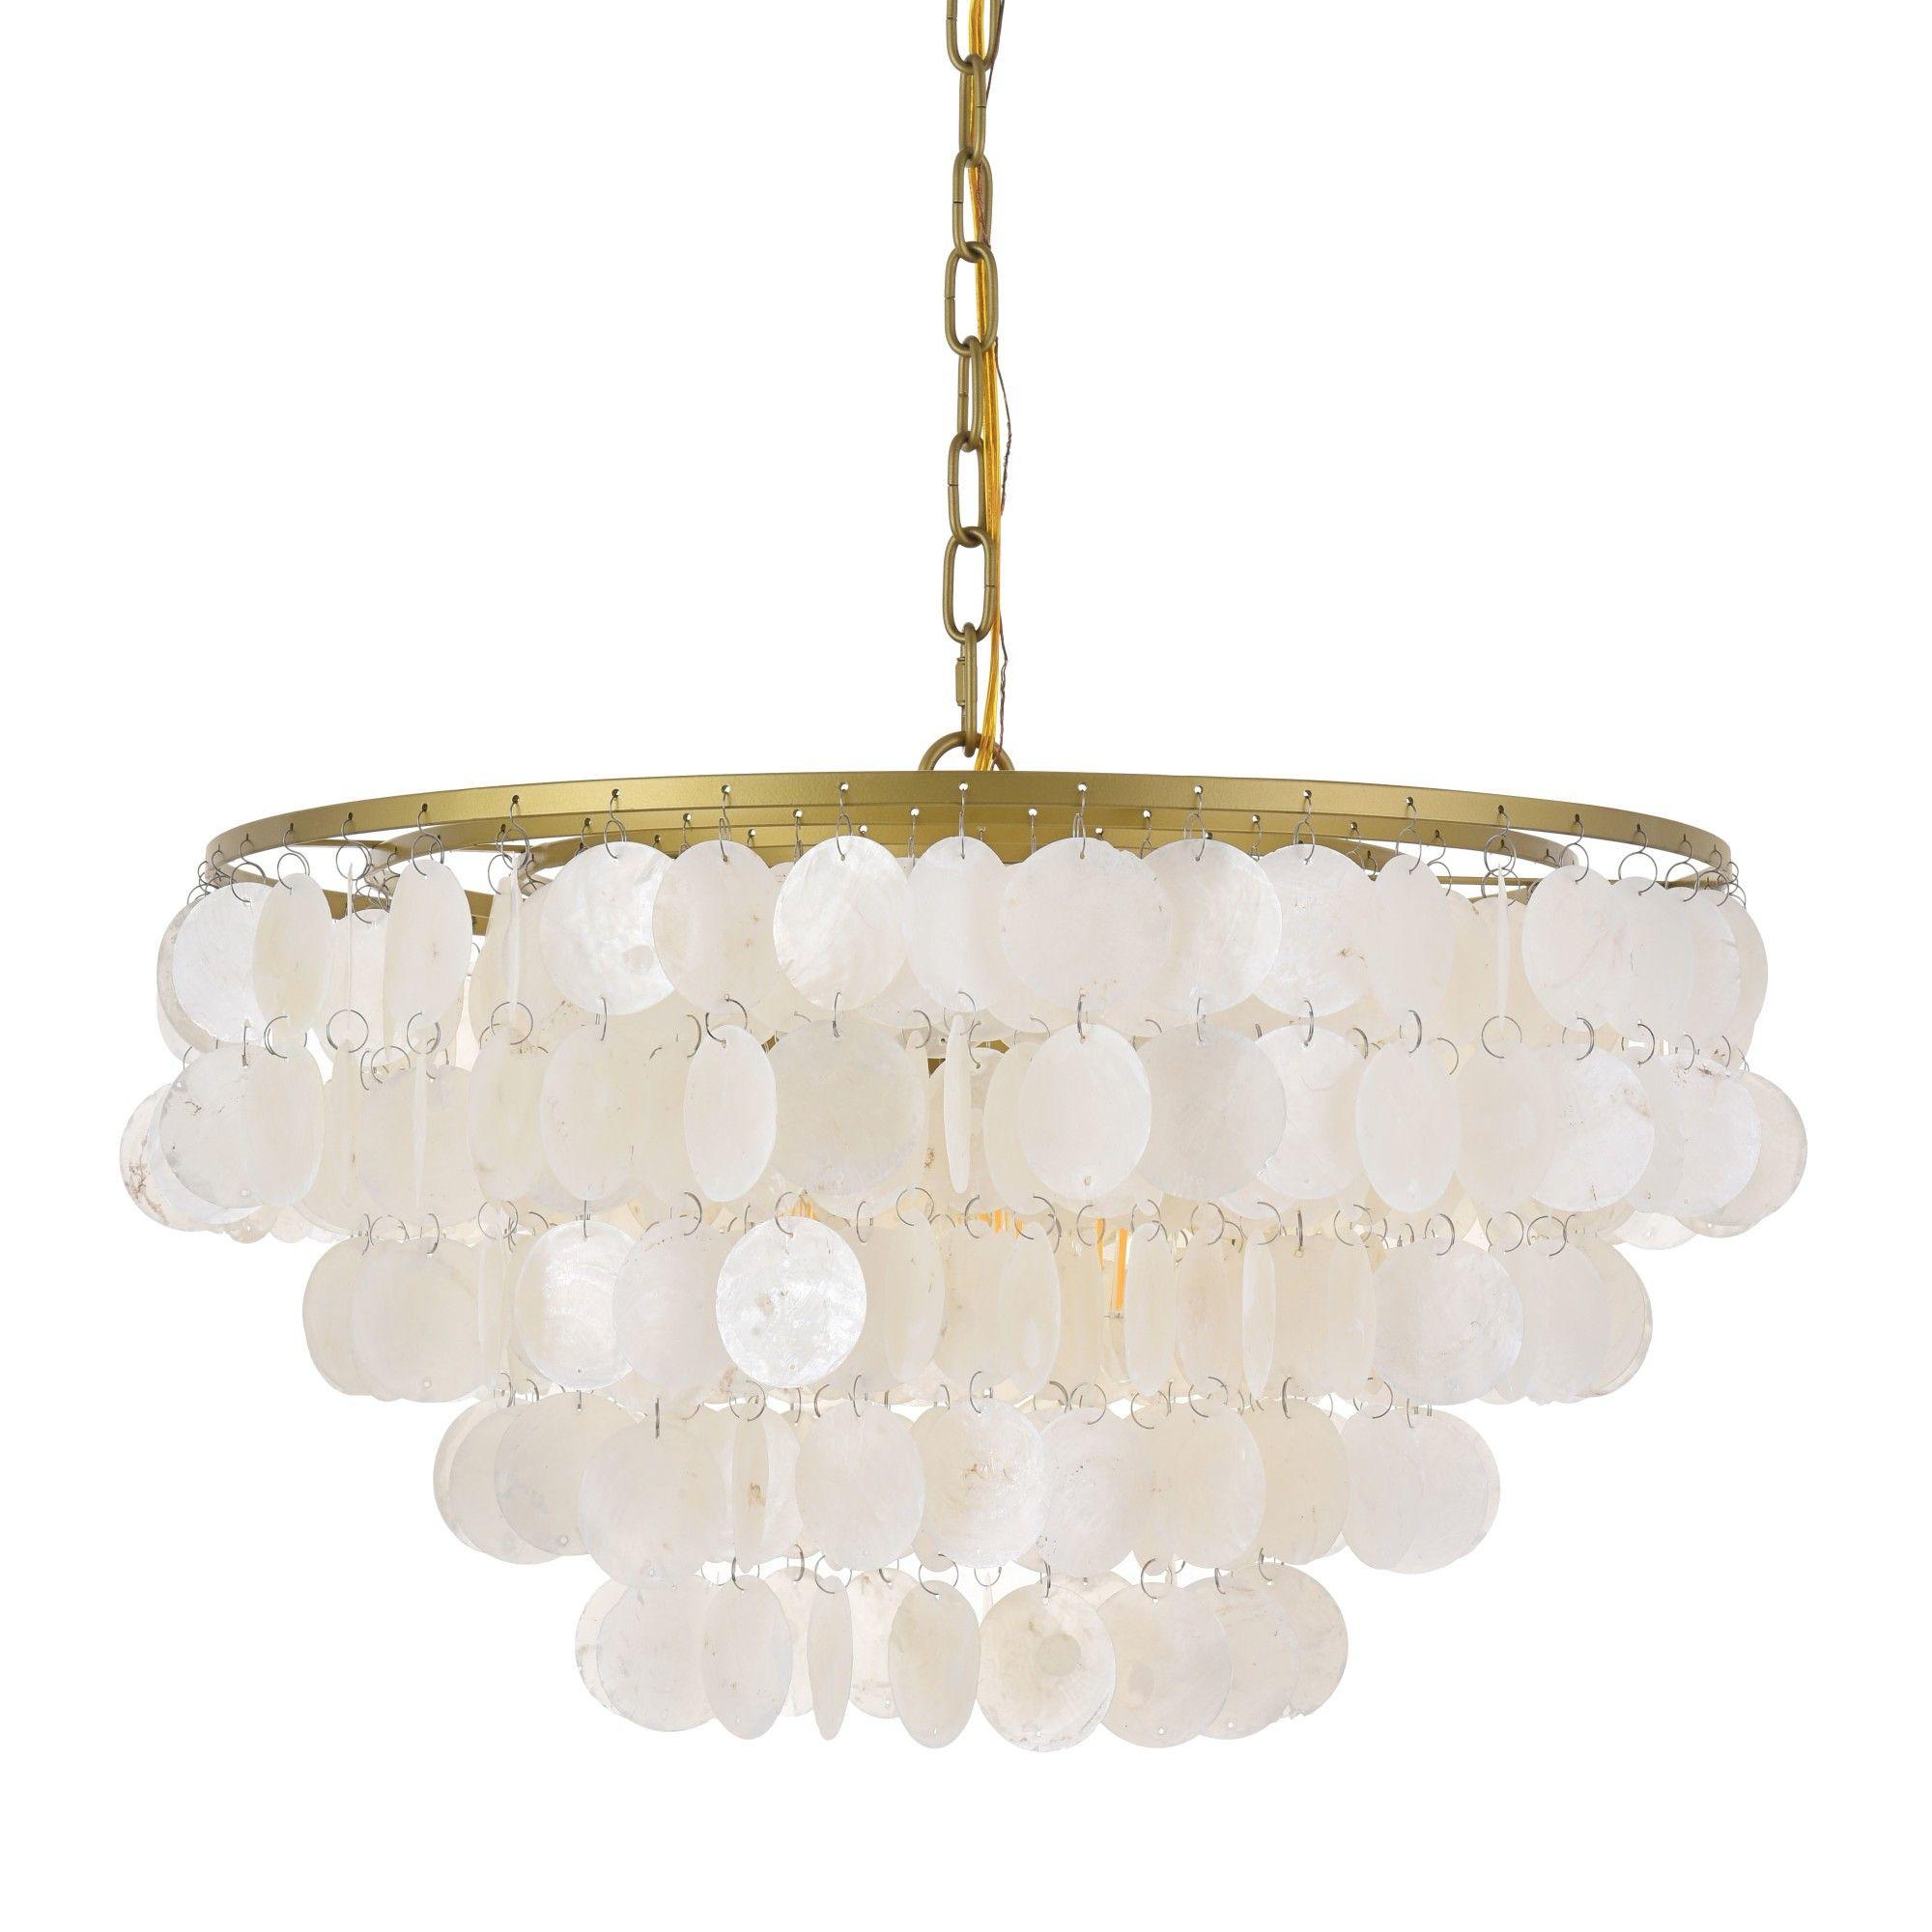 Elegant Lighting Ld5050d20 Selene 4 Light 20 Wide Chandelier